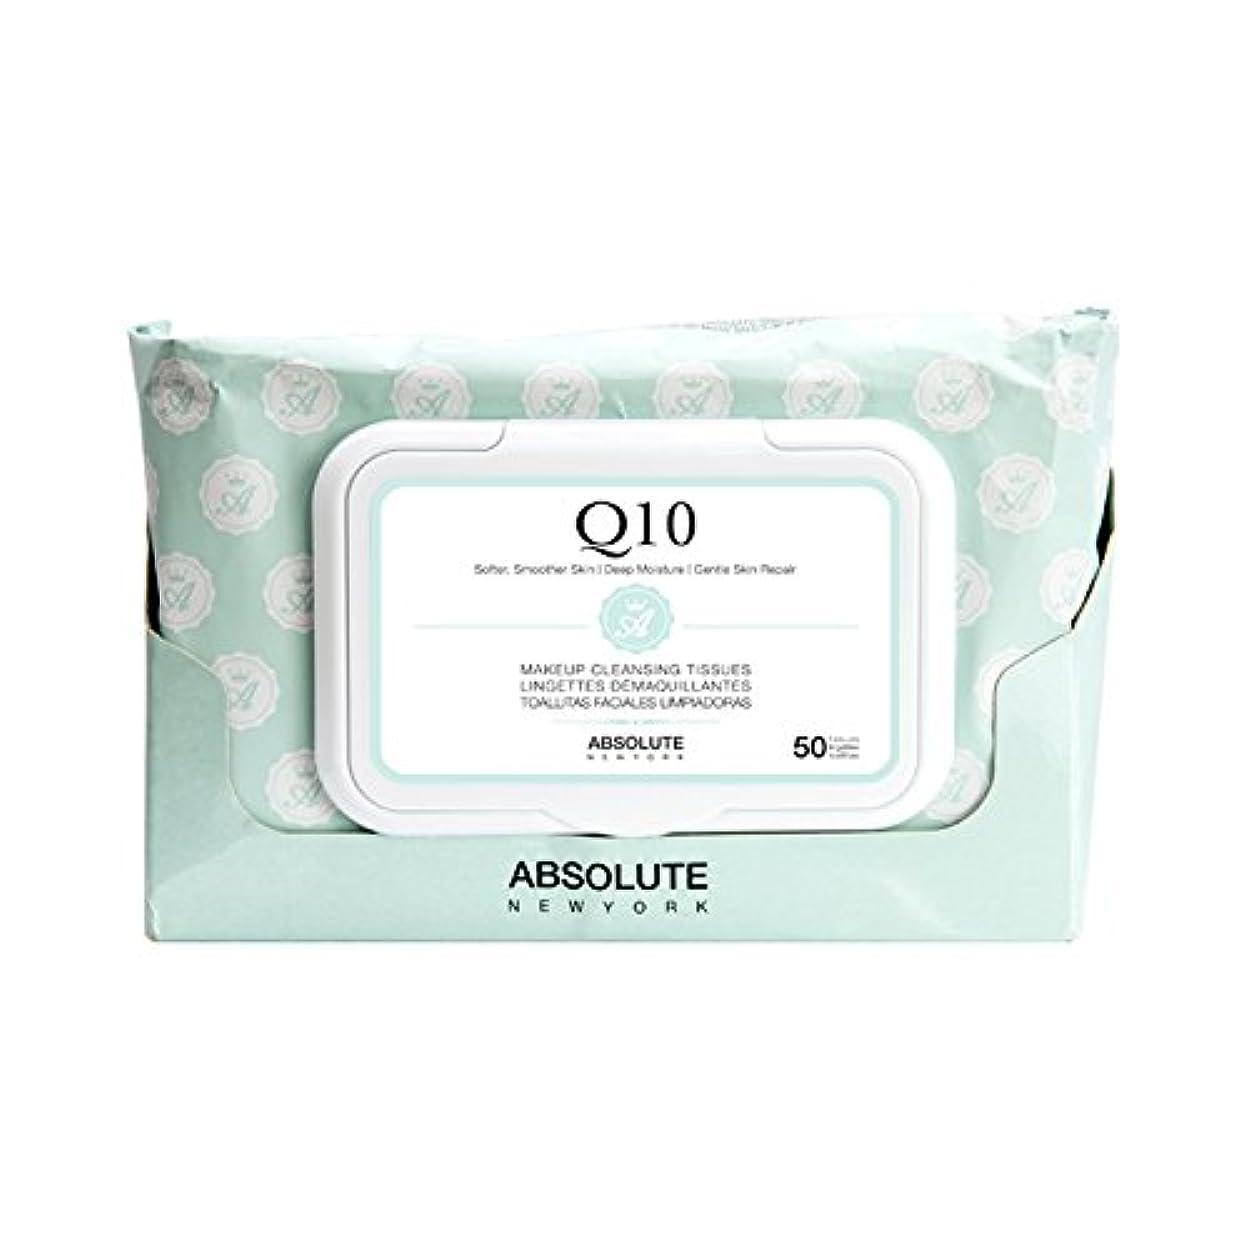 アパル卒業リビングルームABSOLUTE Makeup Cleansing Tissue 50CT - Q10 (並行輸入品)